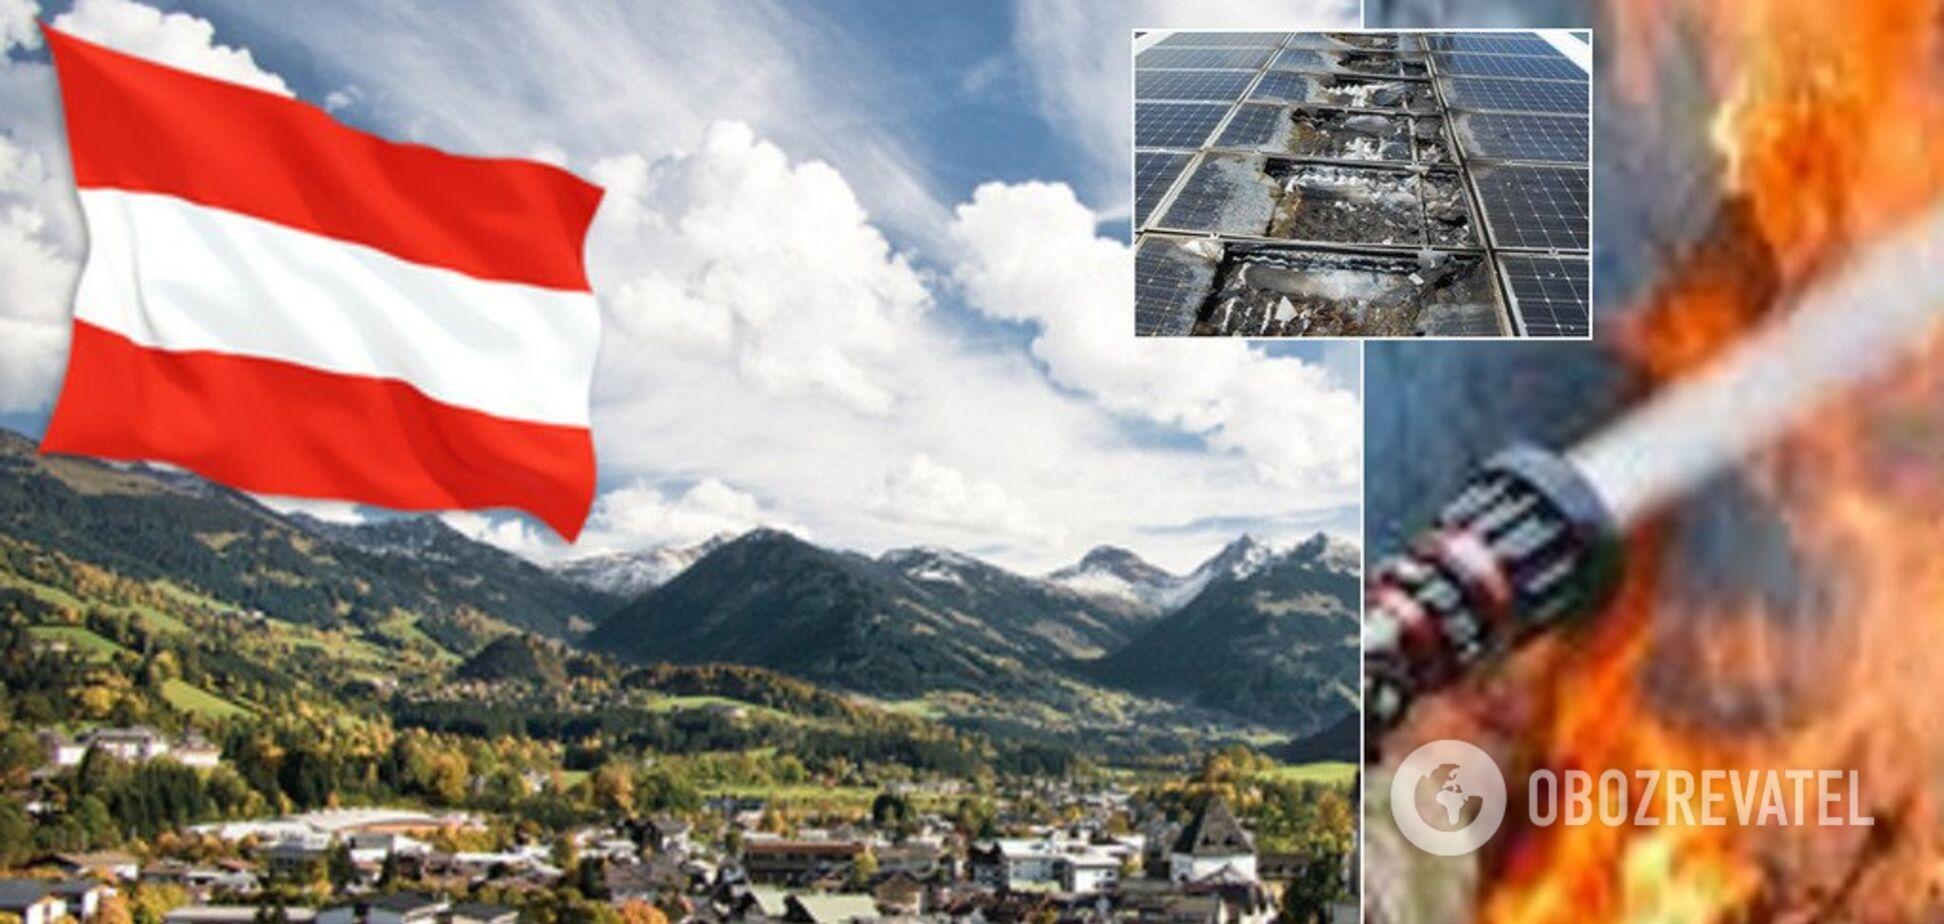 В Австрии загорелась крышная солнечная станция. Фото